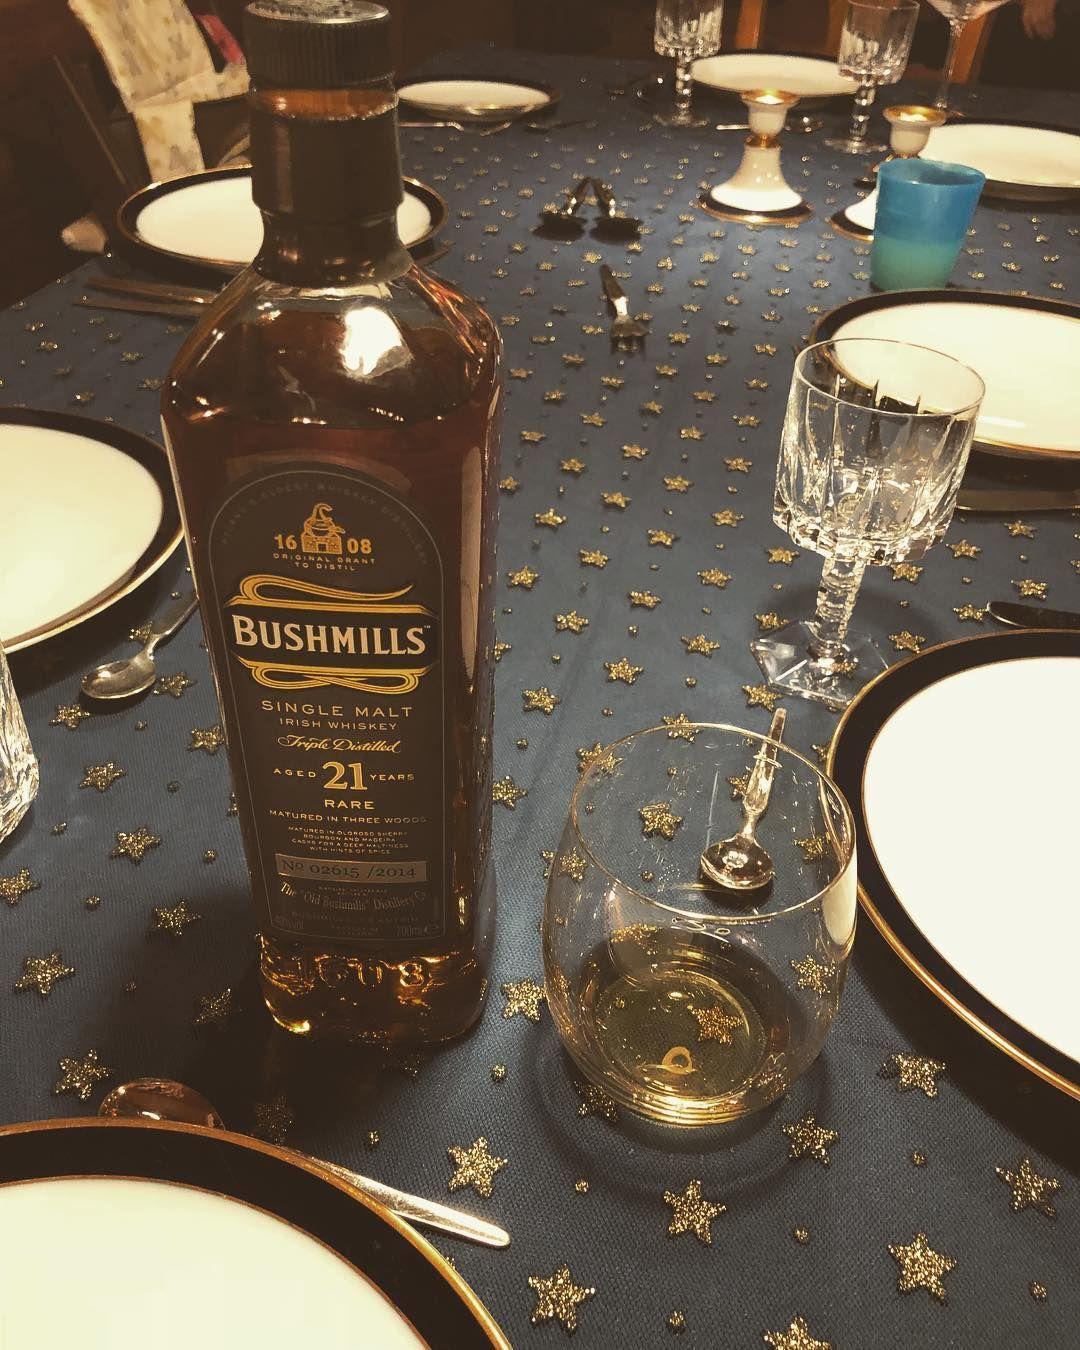 Läuft dieses Weihnachten! Bushmills 21 Jahre! Lecker ...